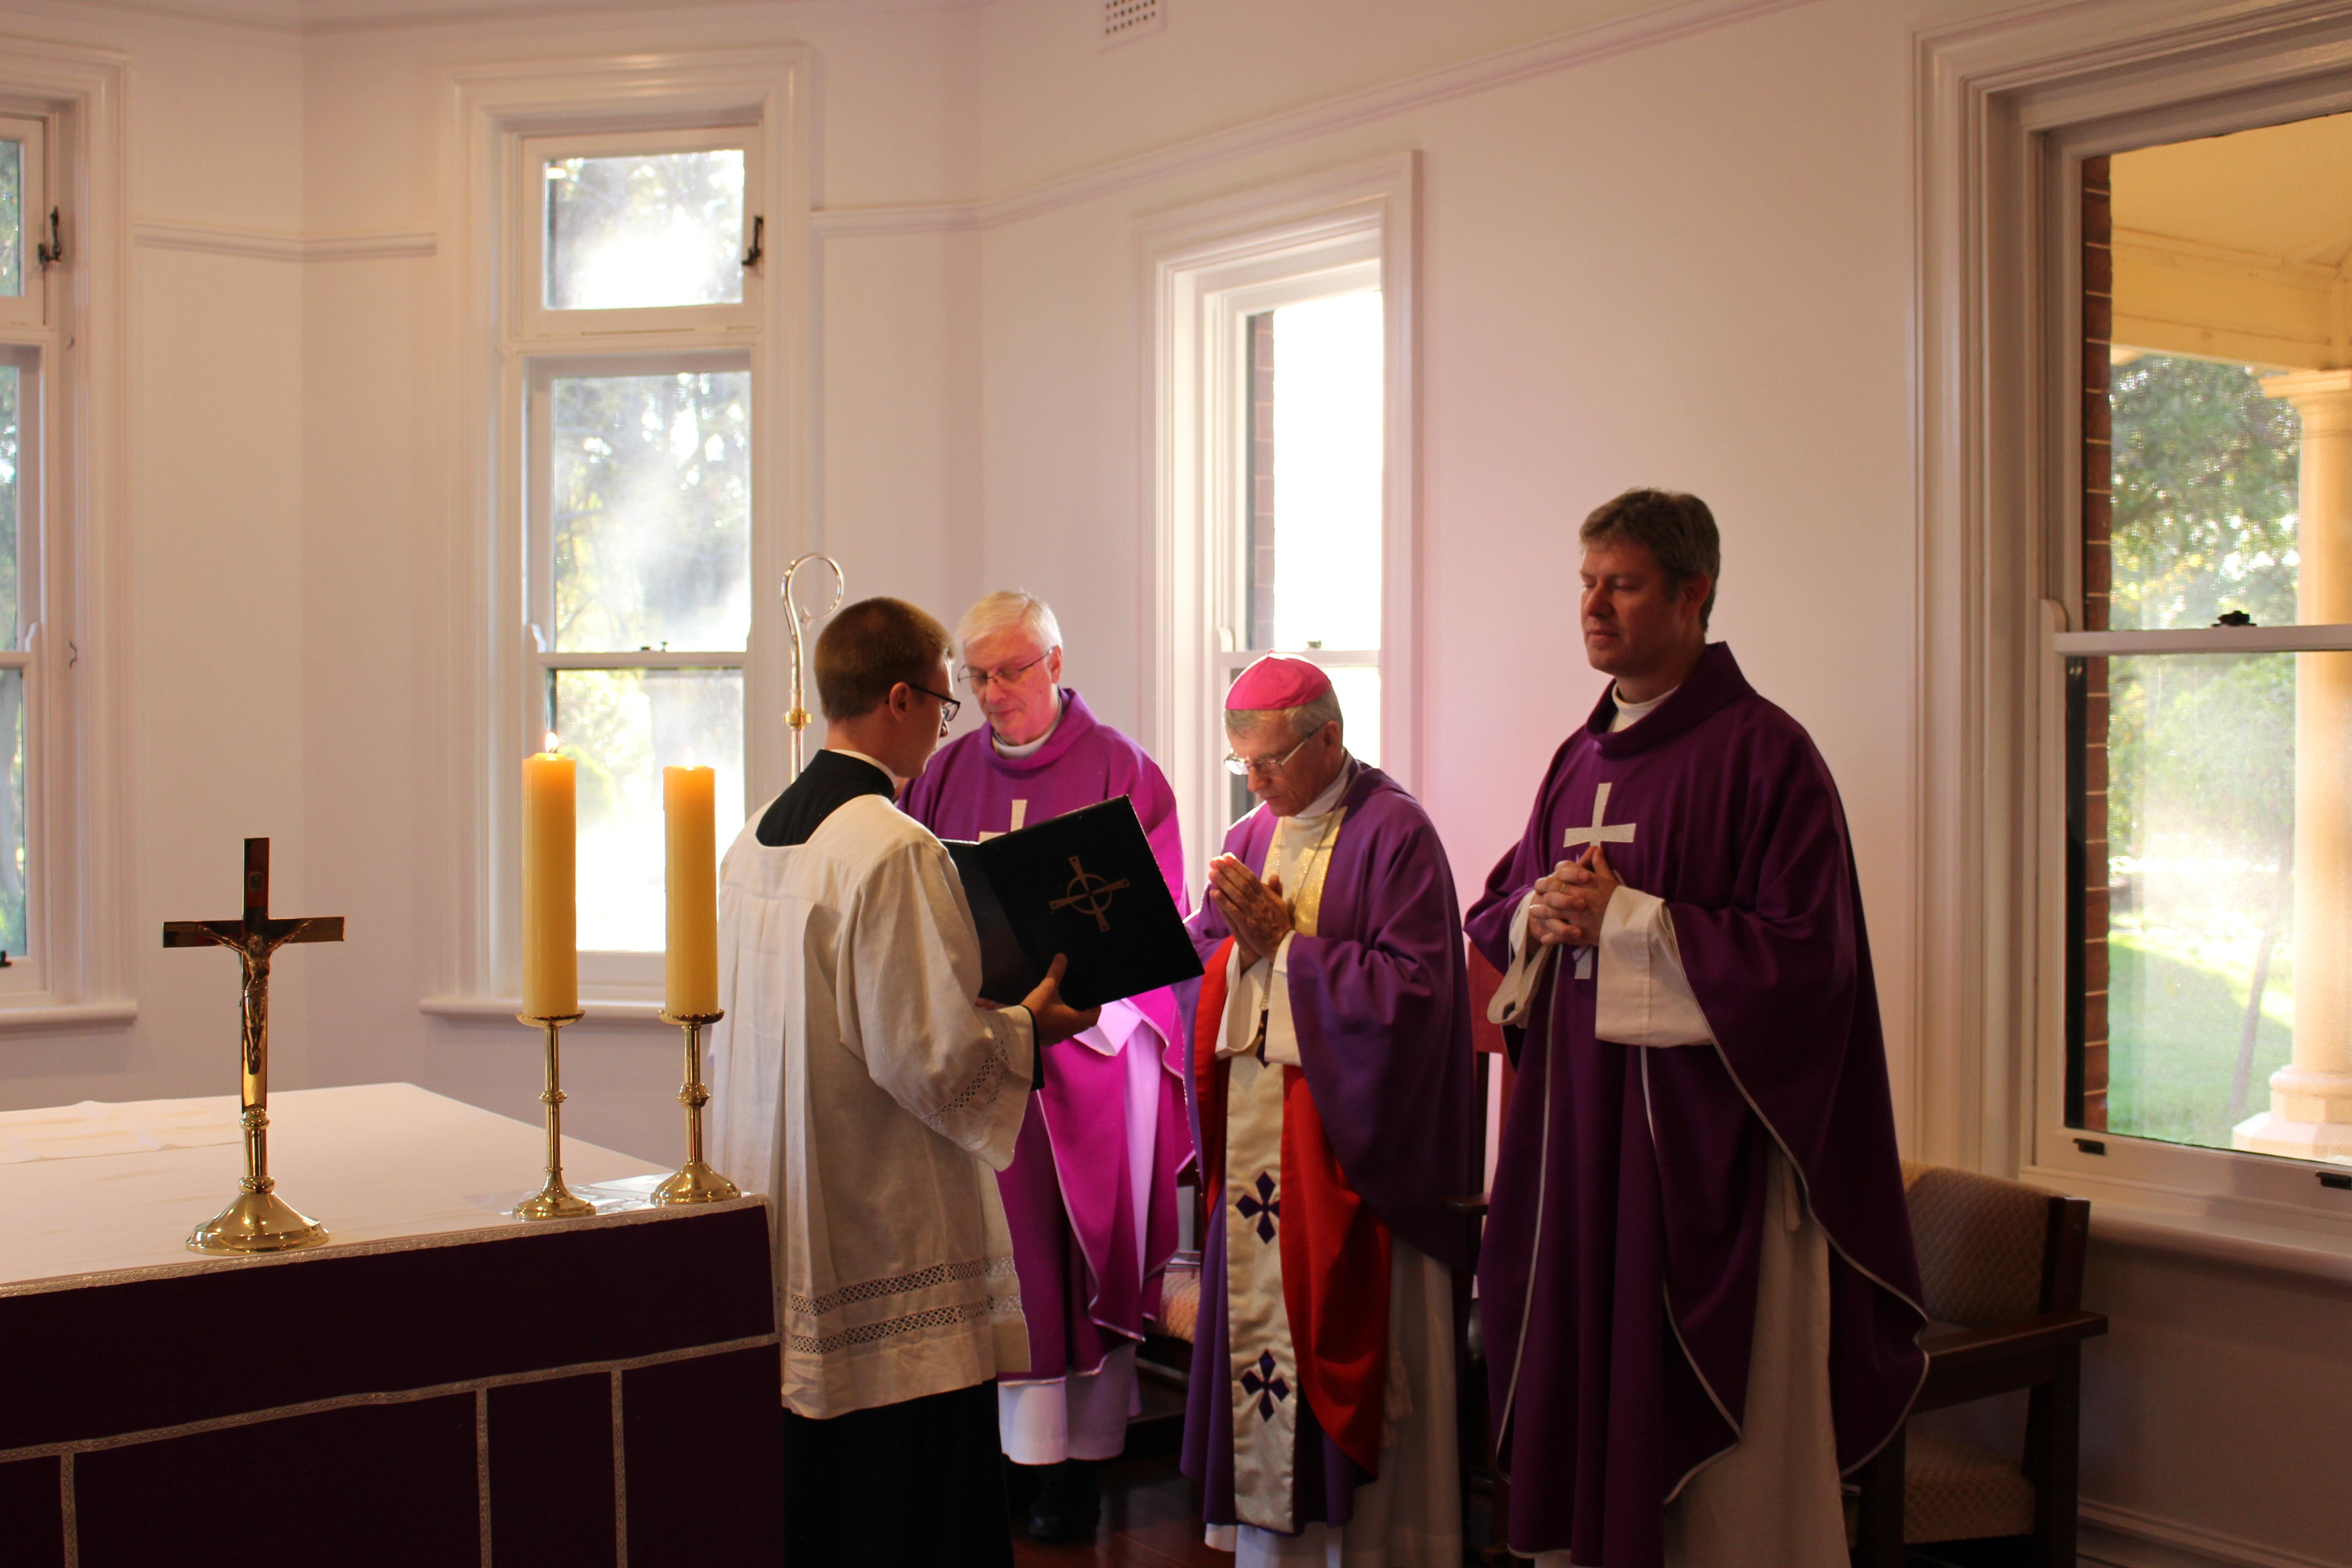 Opening Mass - 2